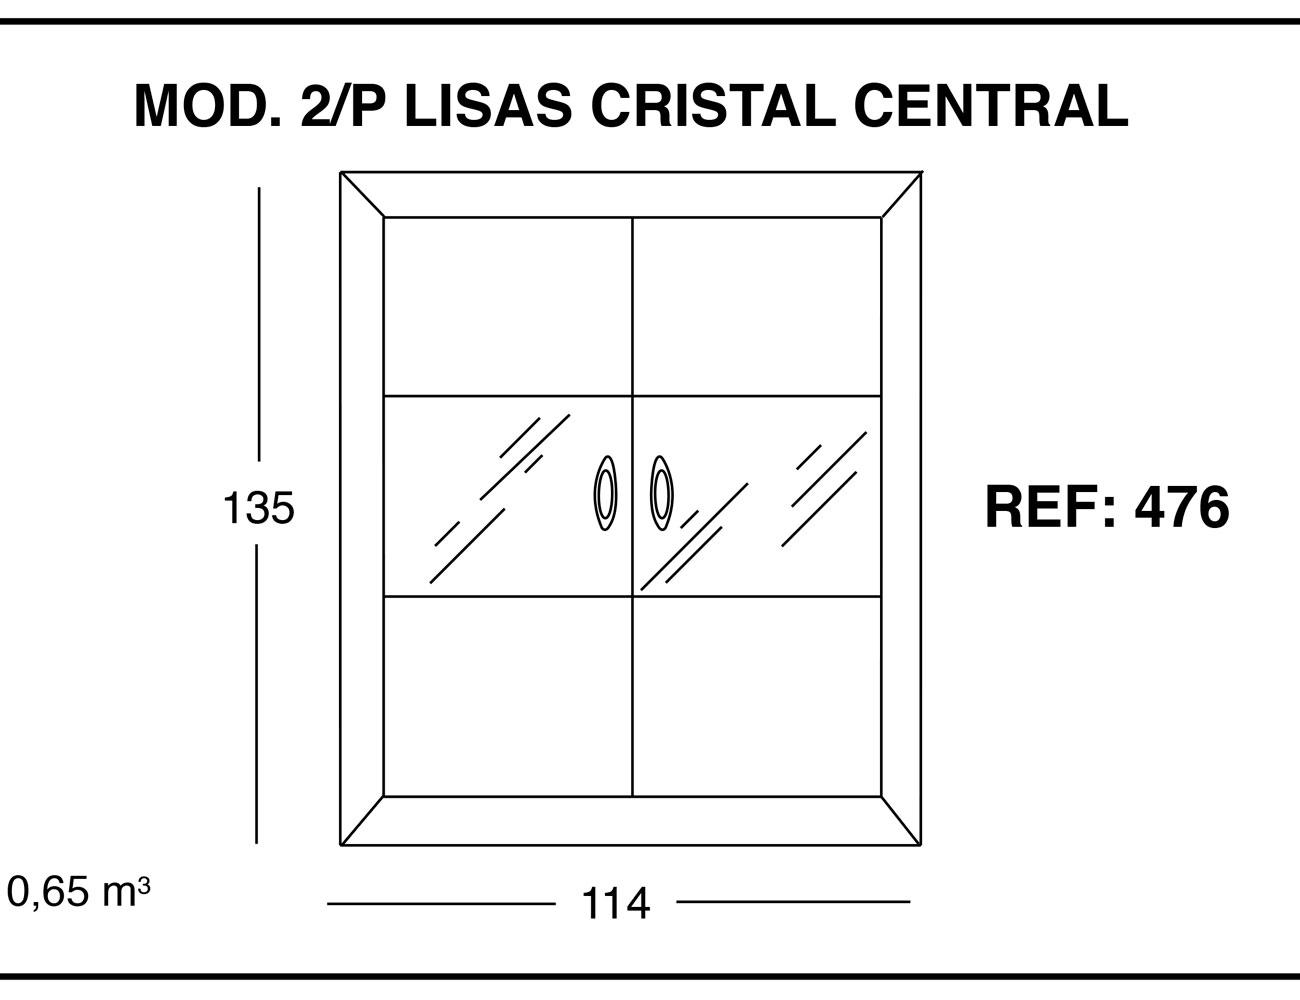 Modulo 2p lisas cristal central